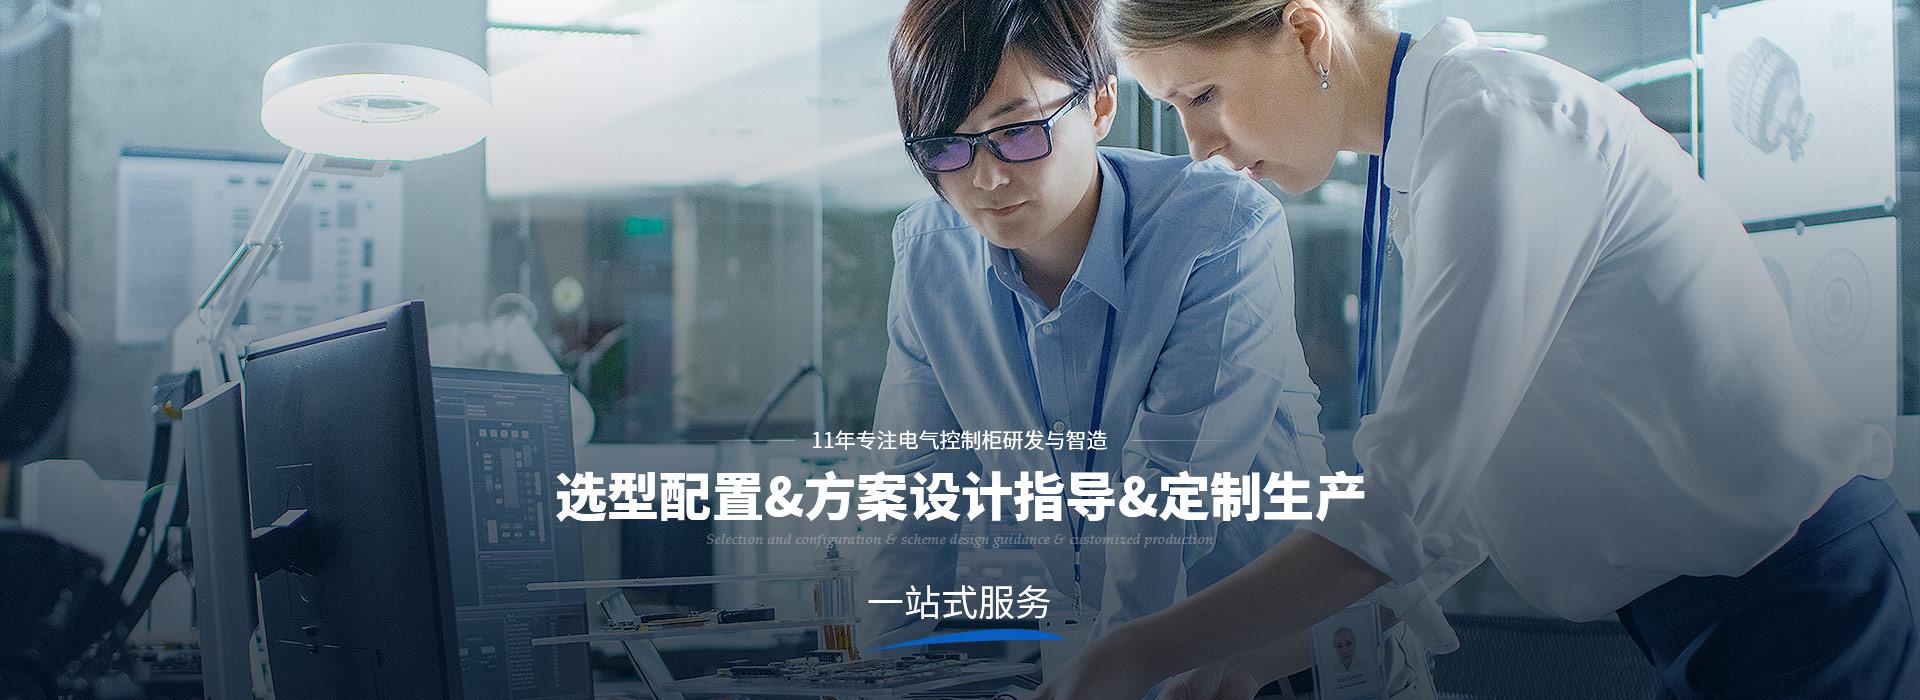 金陵奇峰11年专注电气控制柜研发与制造